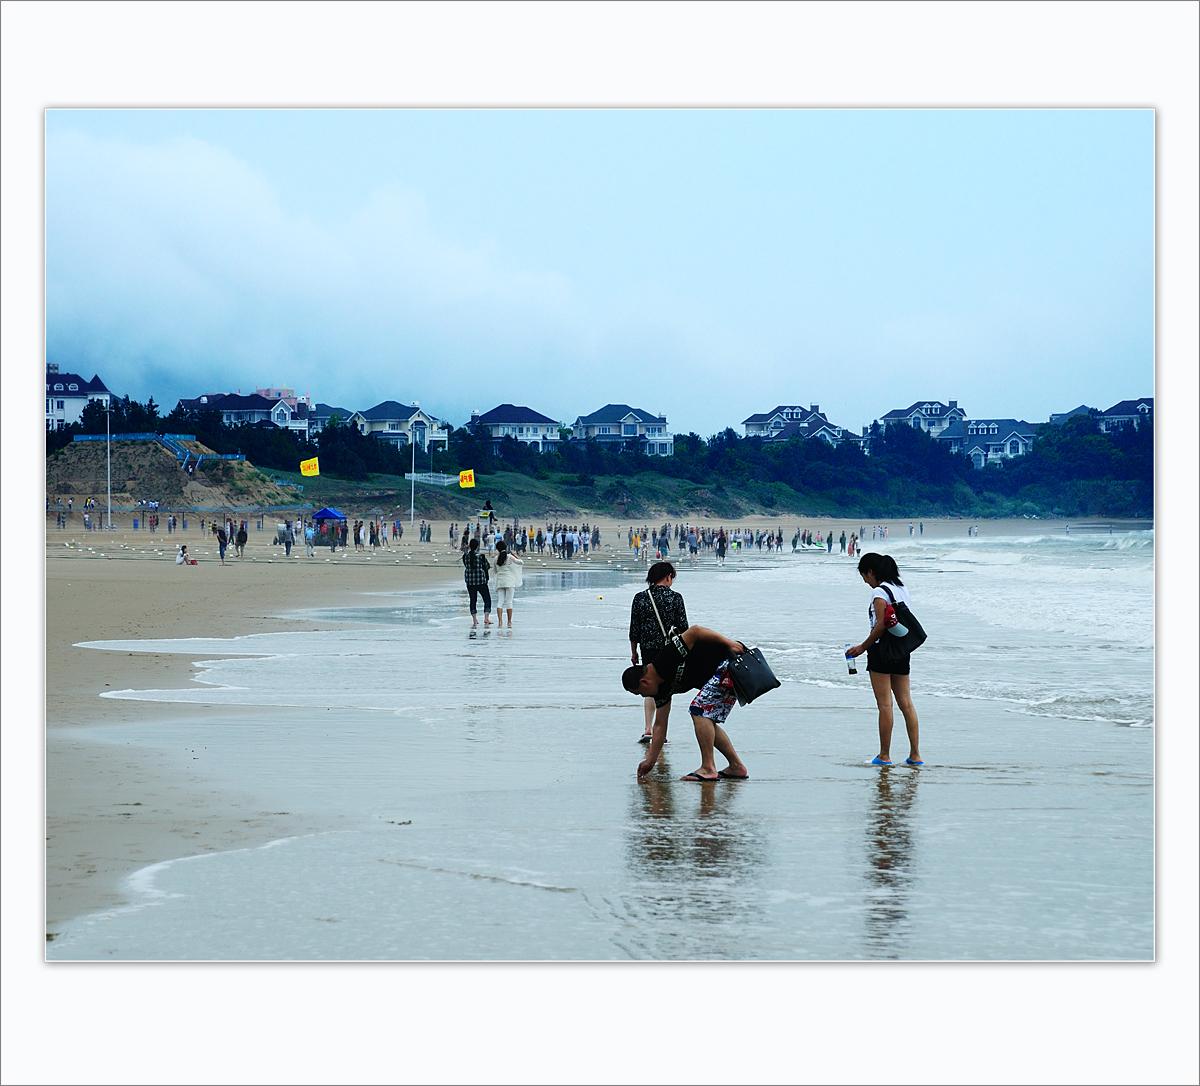 wsz作品:海滩拾贝